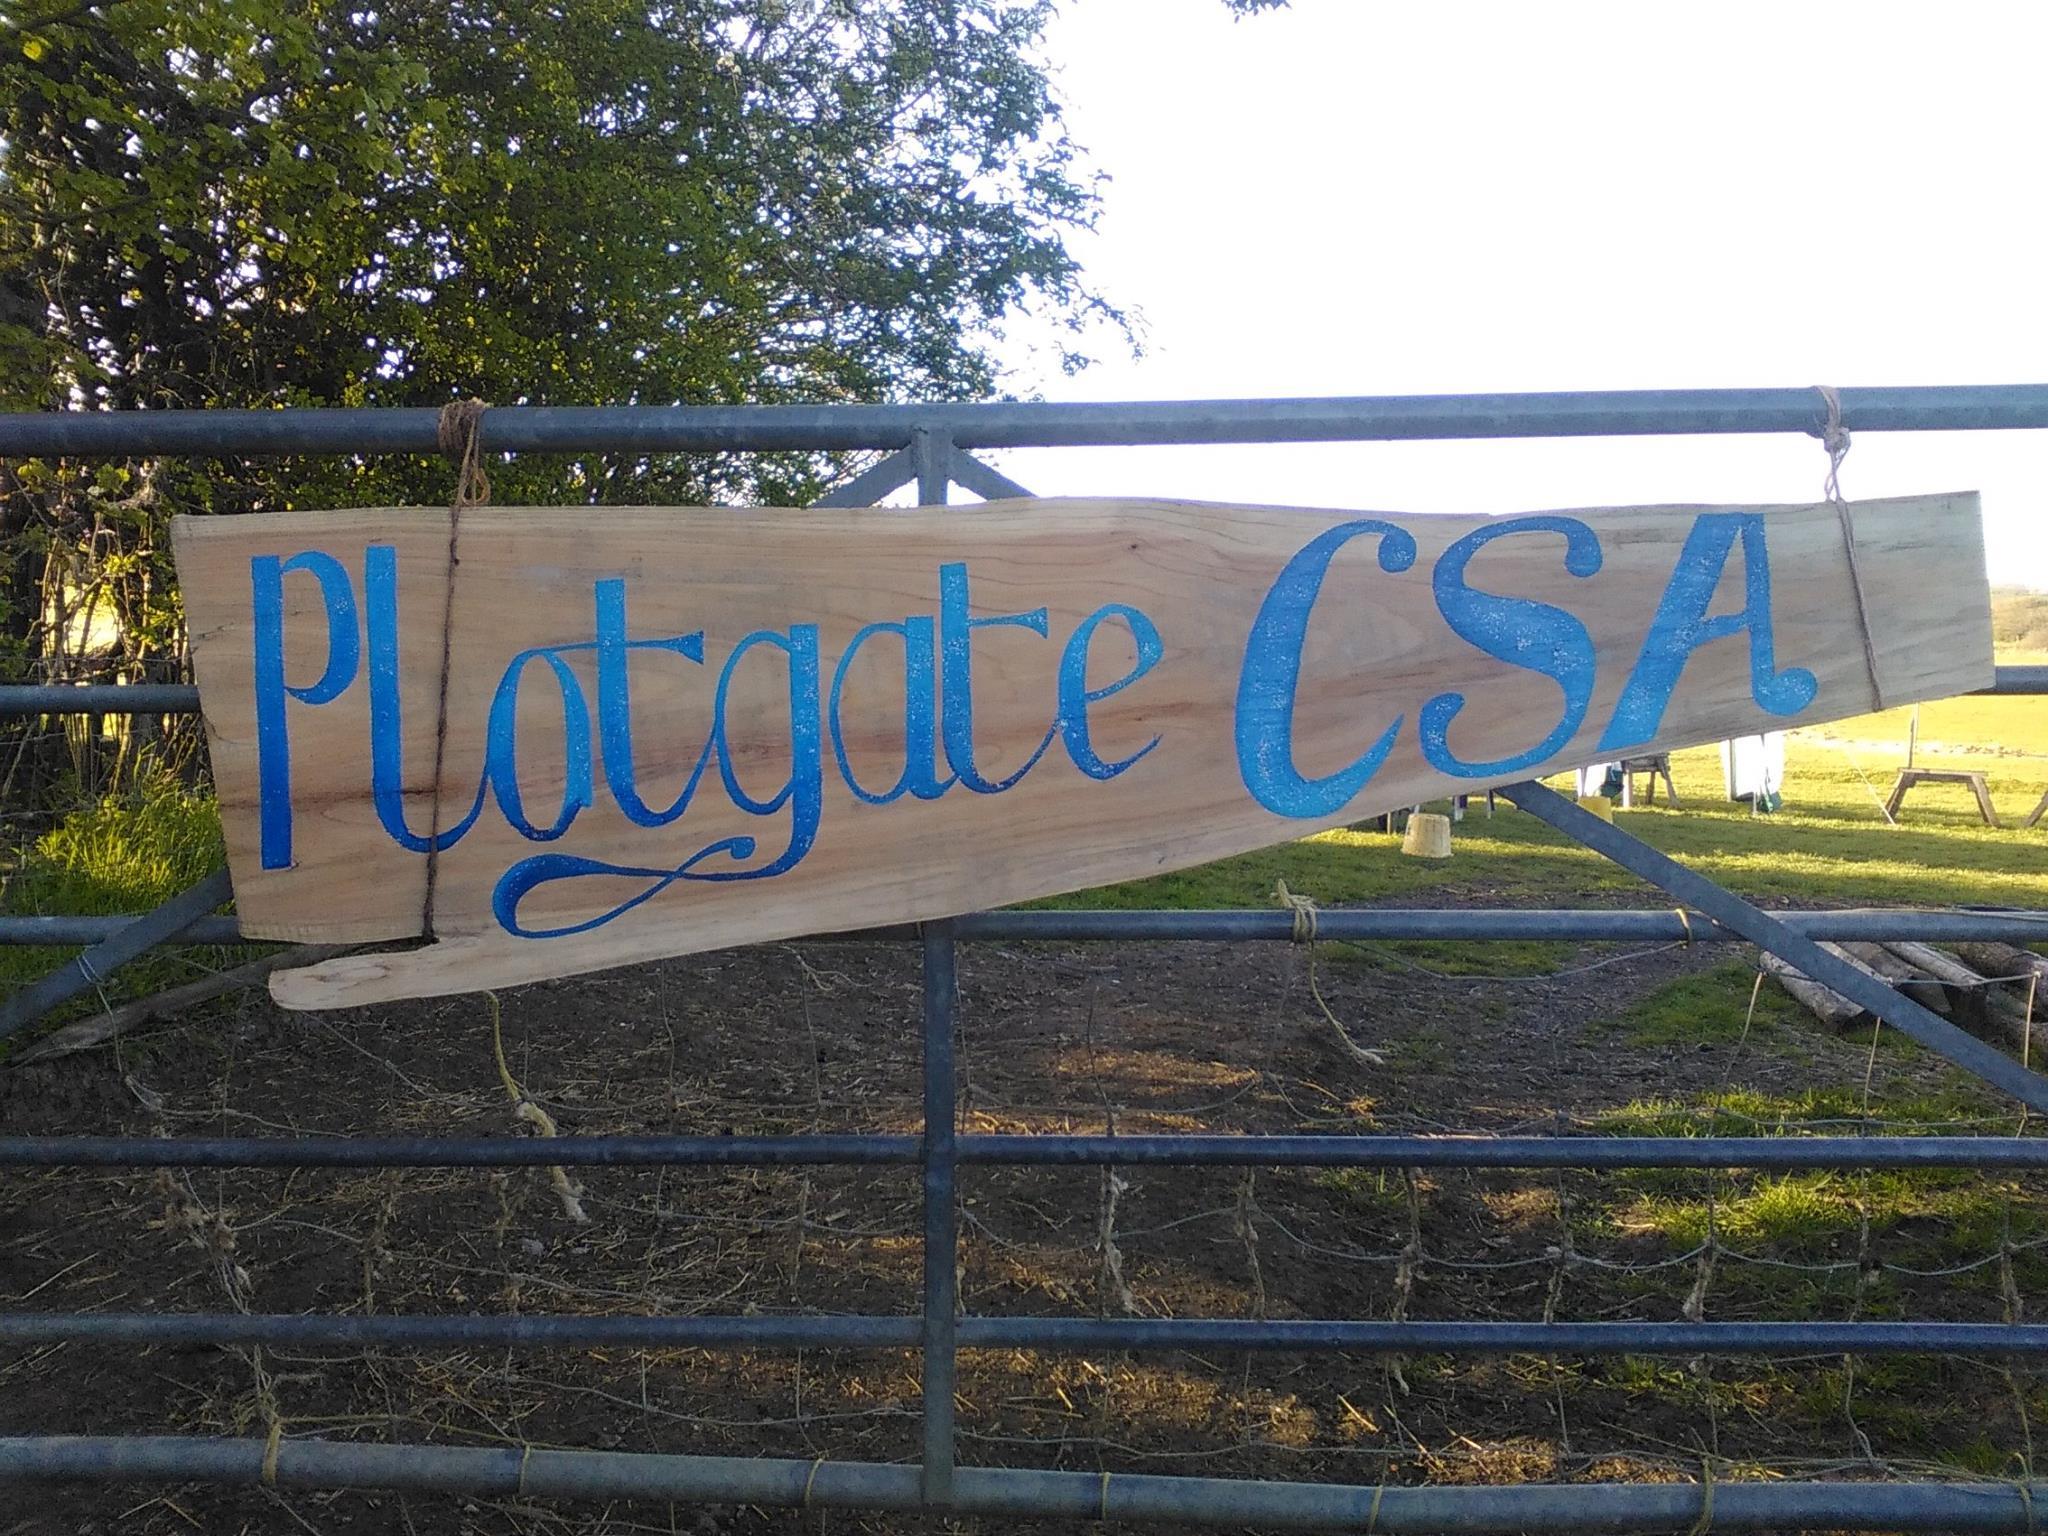 Plotgate_sign